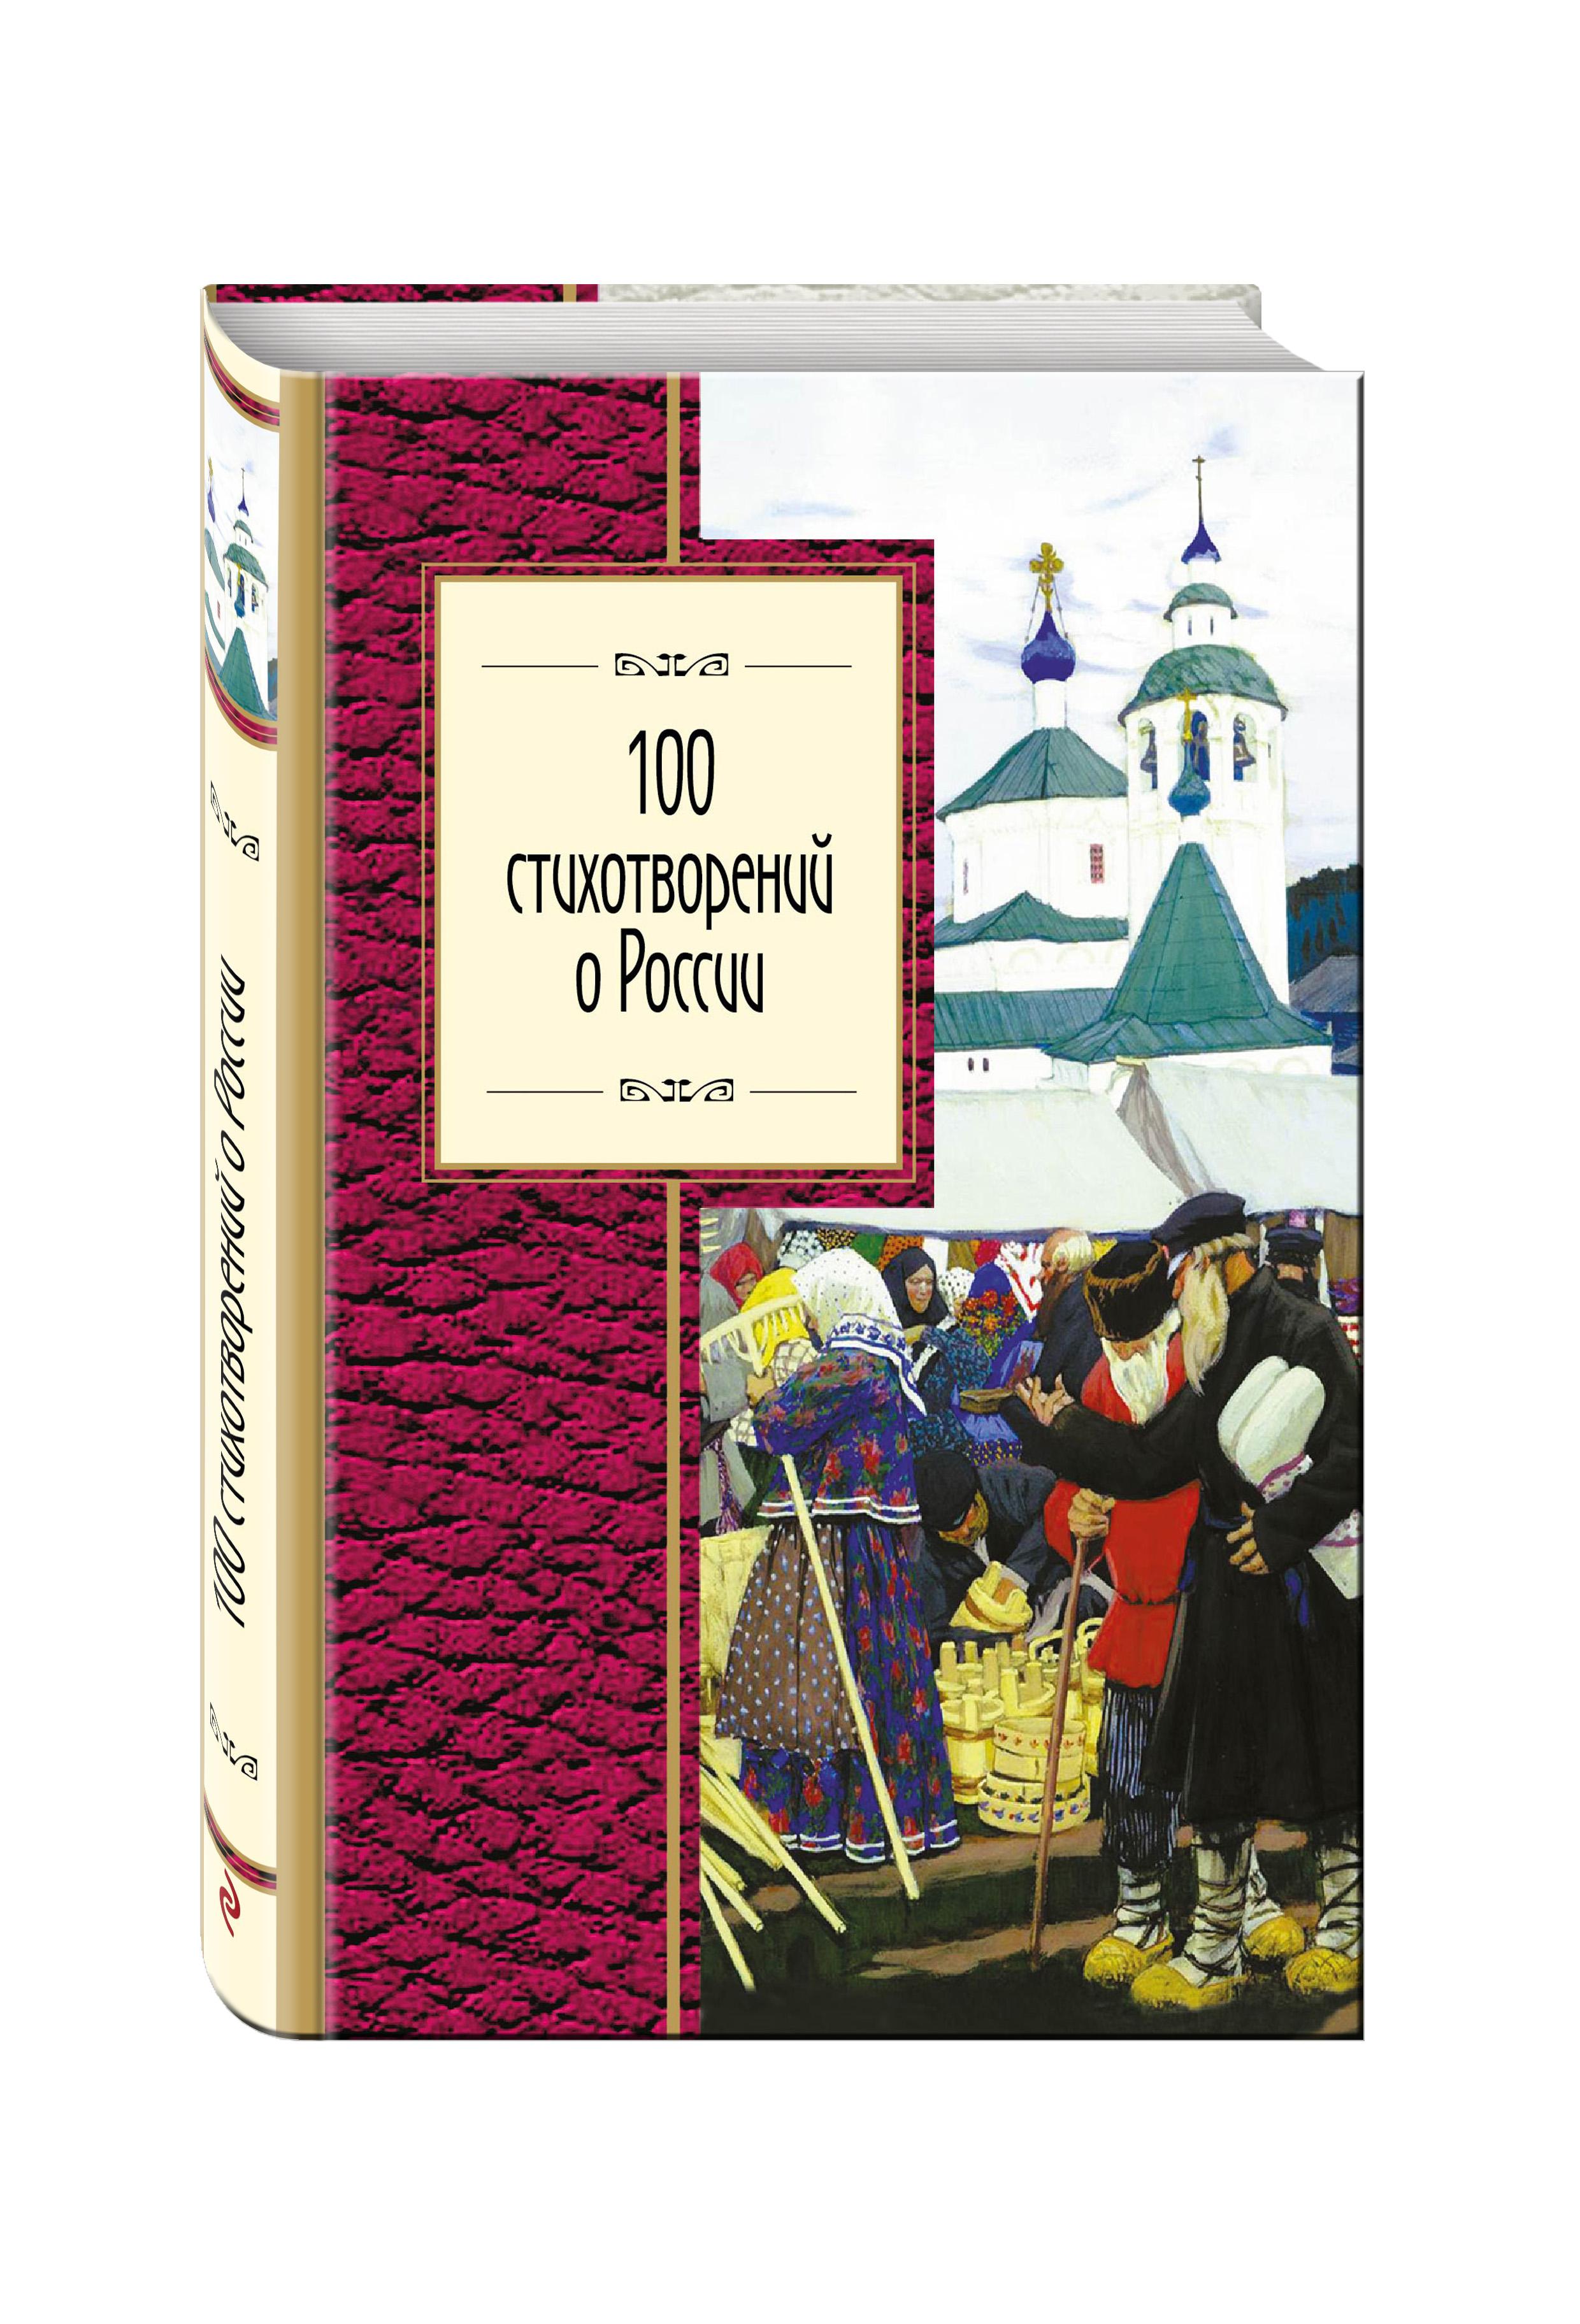 Пушкин А.С., Блок А.А., Ахматова А.А. и др. 100 стихотворений о России